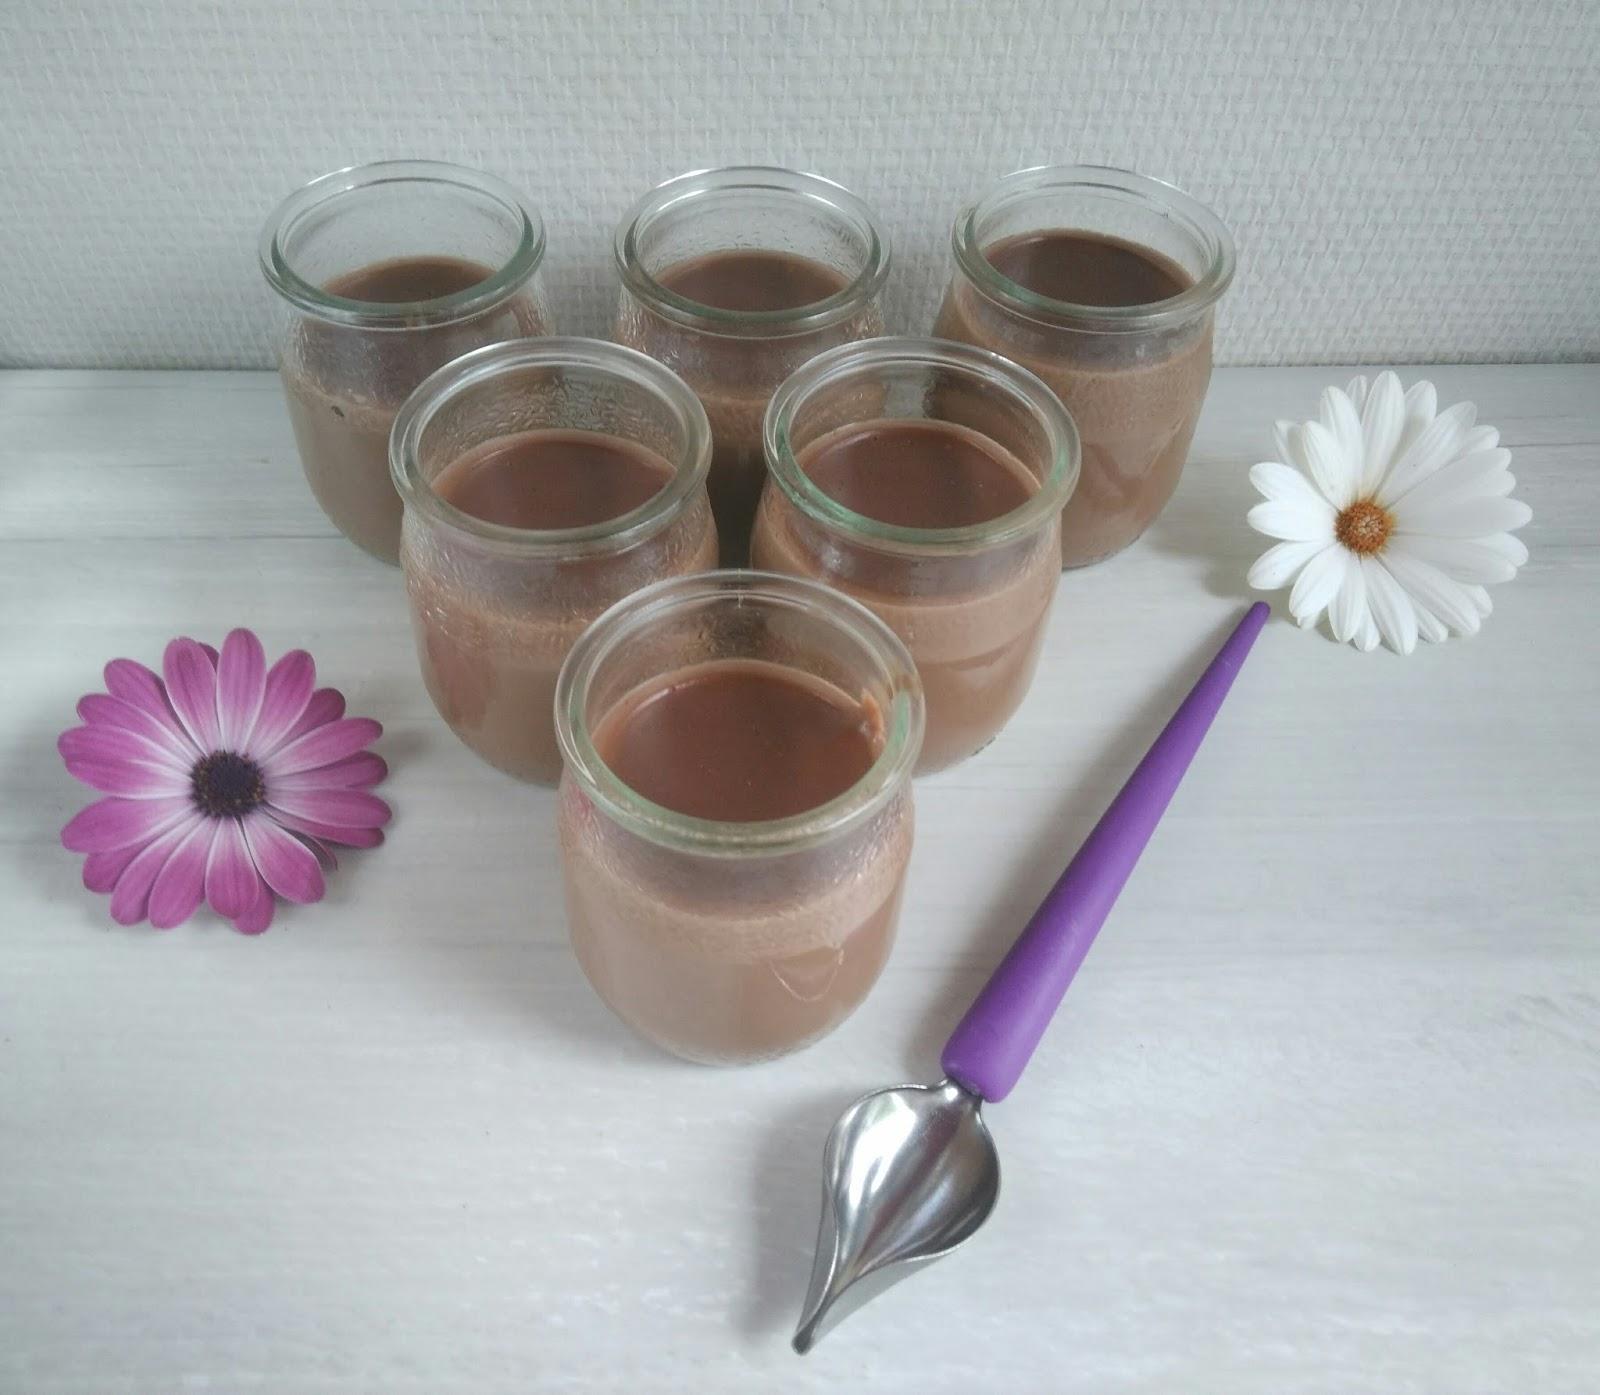 petits pots de cr me 39 39 nutella maison healthy. Black Bedroom Furniture Sets. Home Design Ideas